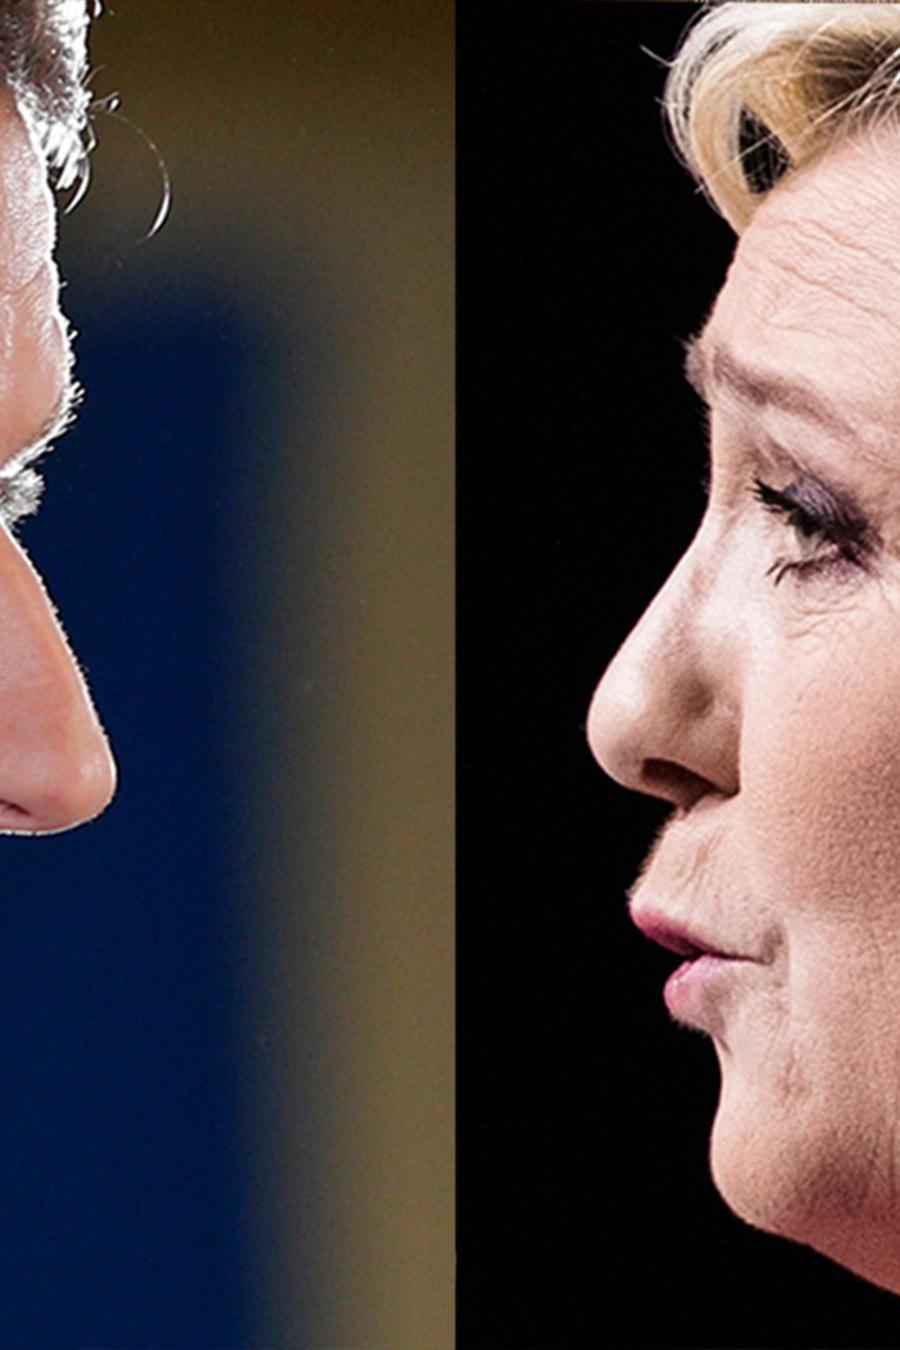 El centrista Emmanuel Macron y la ultraderechista Marine Le Pen, los candidatos a la presidencia de Francia que pasaron a la segunda vuelta de las elecciones que se realizarán el 7 de mayo del 2017